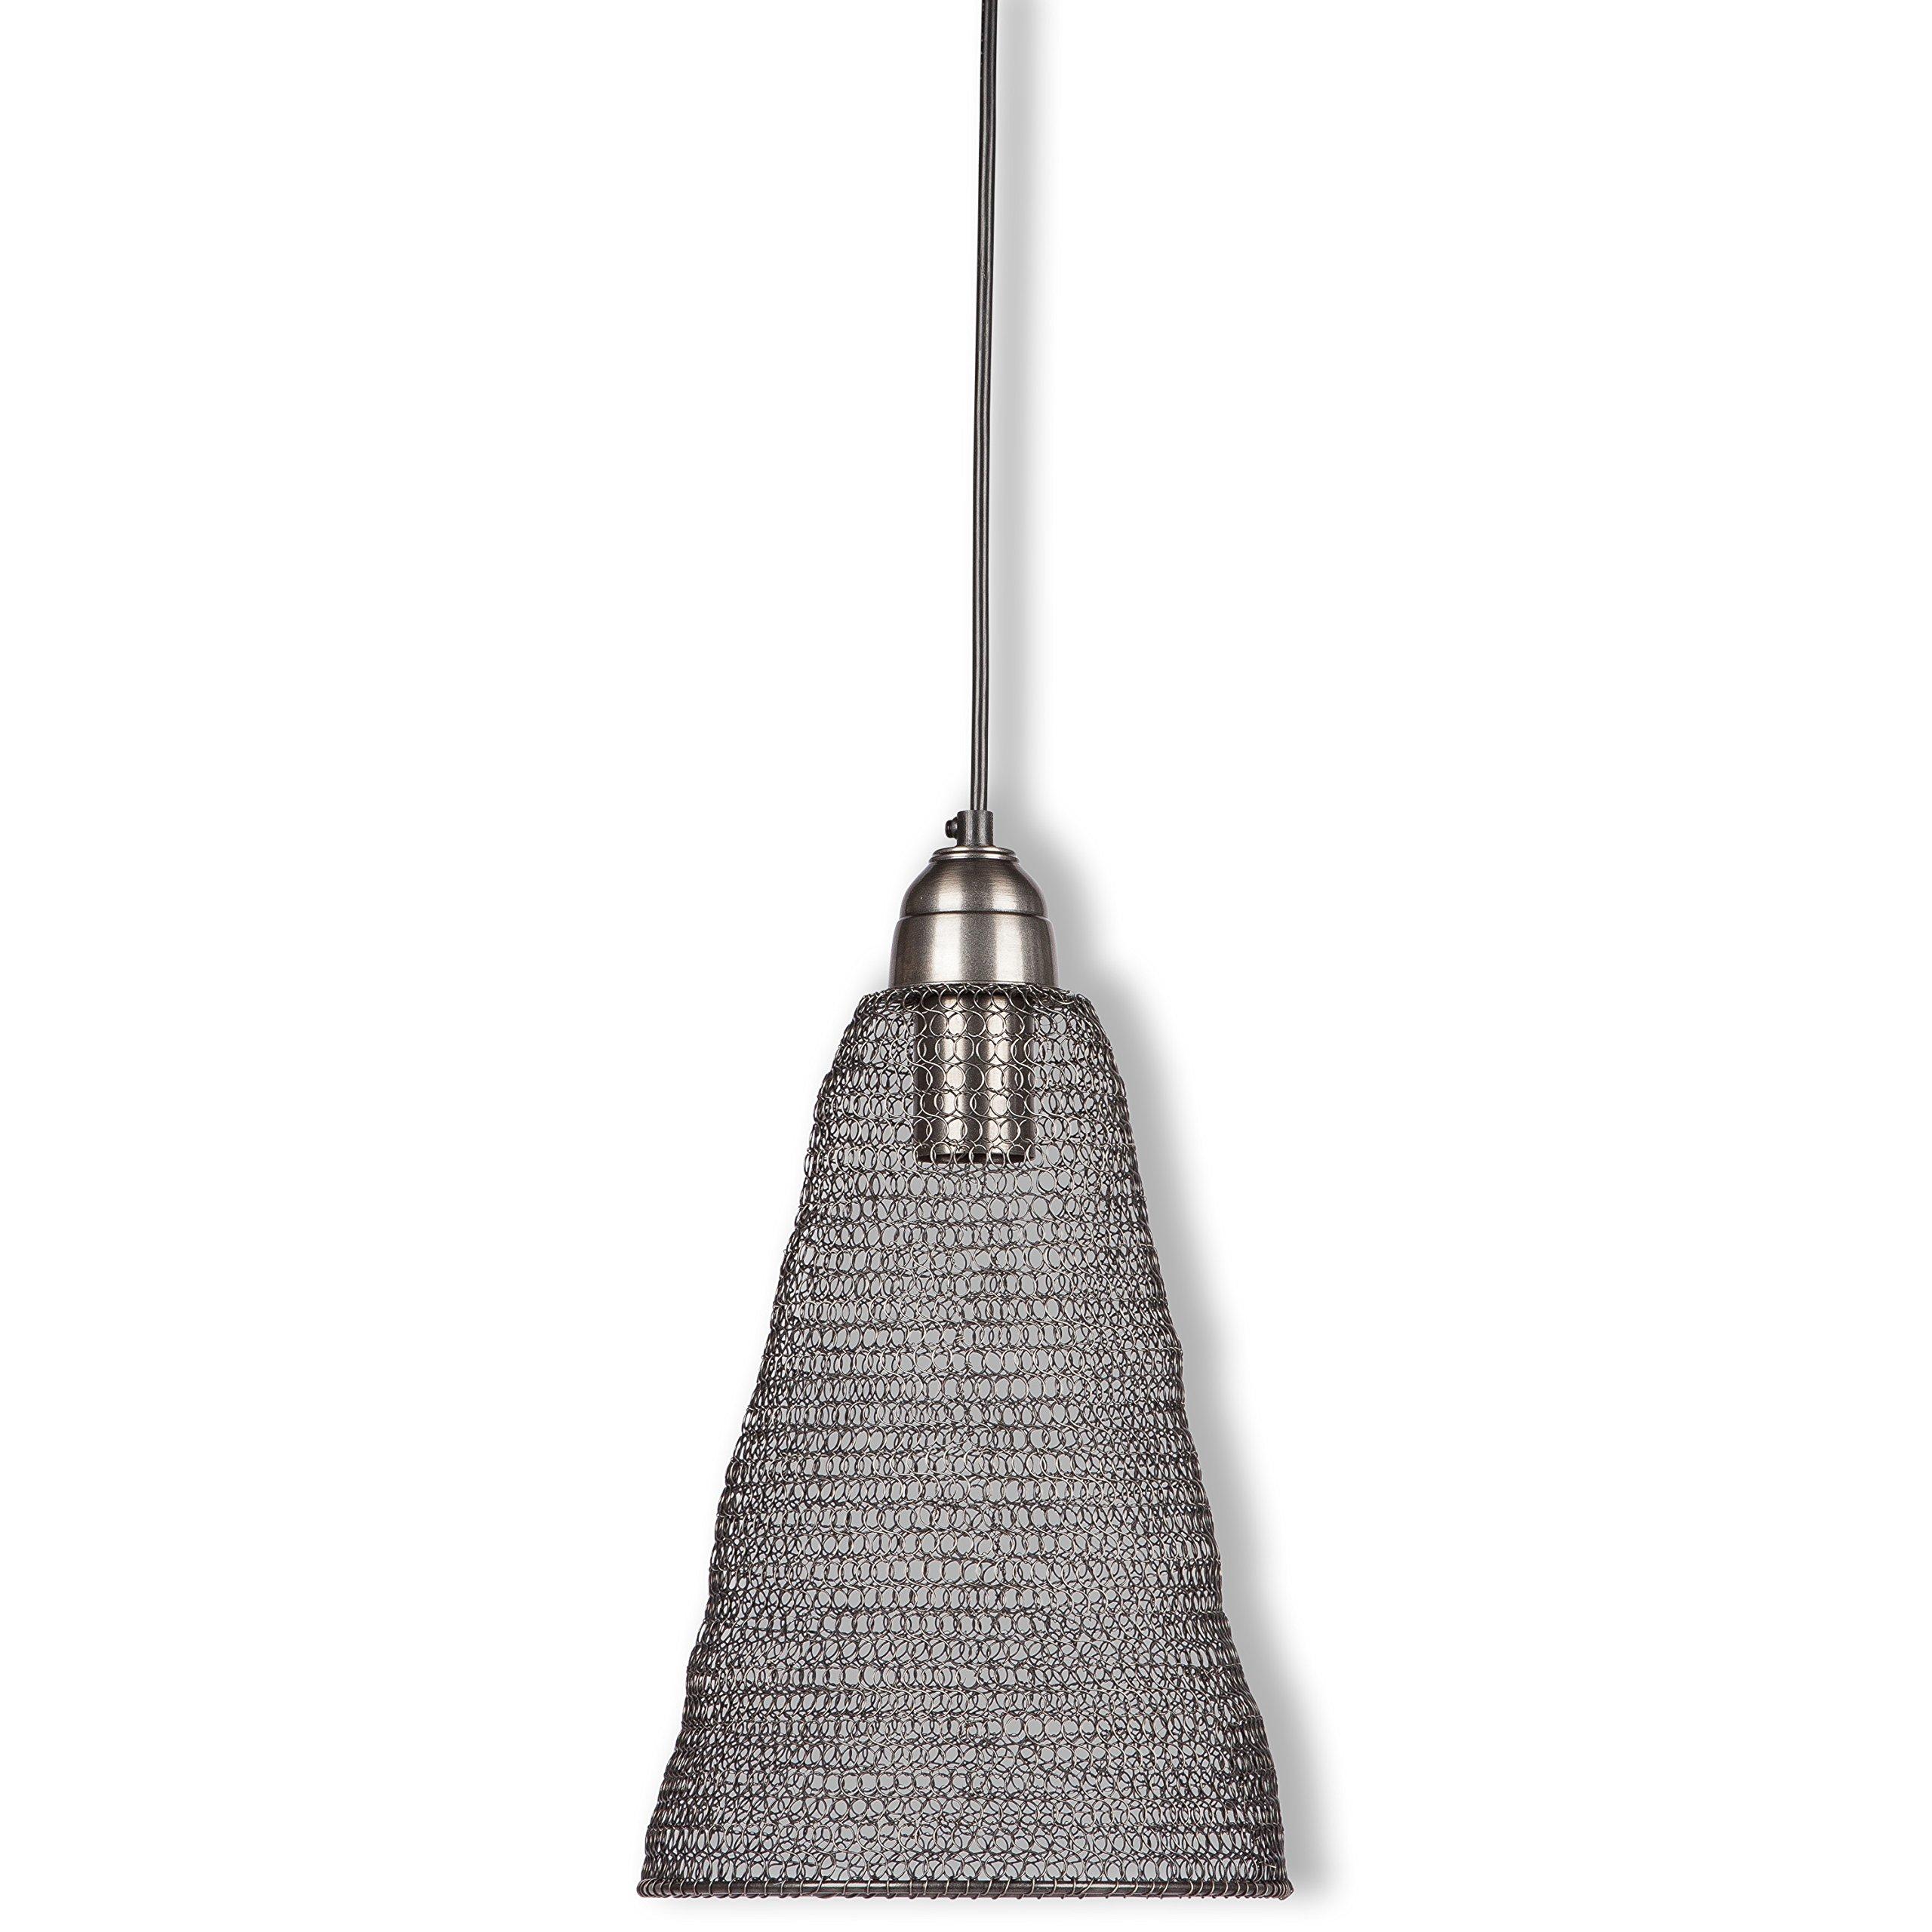 The Gerson Company Classic Cone Pendant Lamp